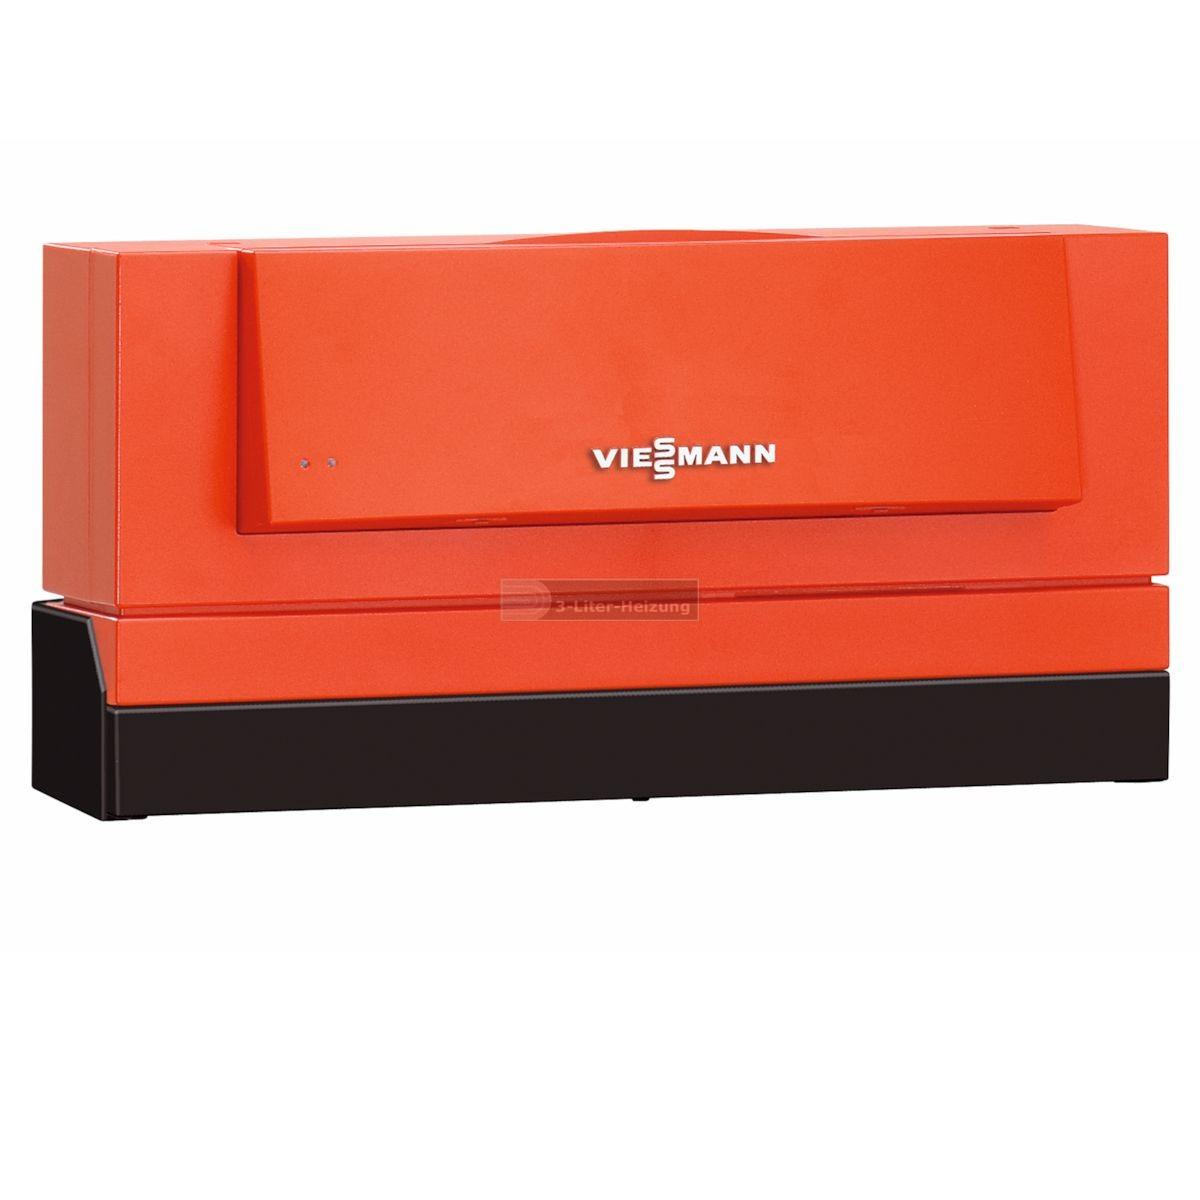 vitotronic 200 wo1b klimaanlage und heizung zu hause. Black Bedroom Furniture Sets. Home Design Ideas